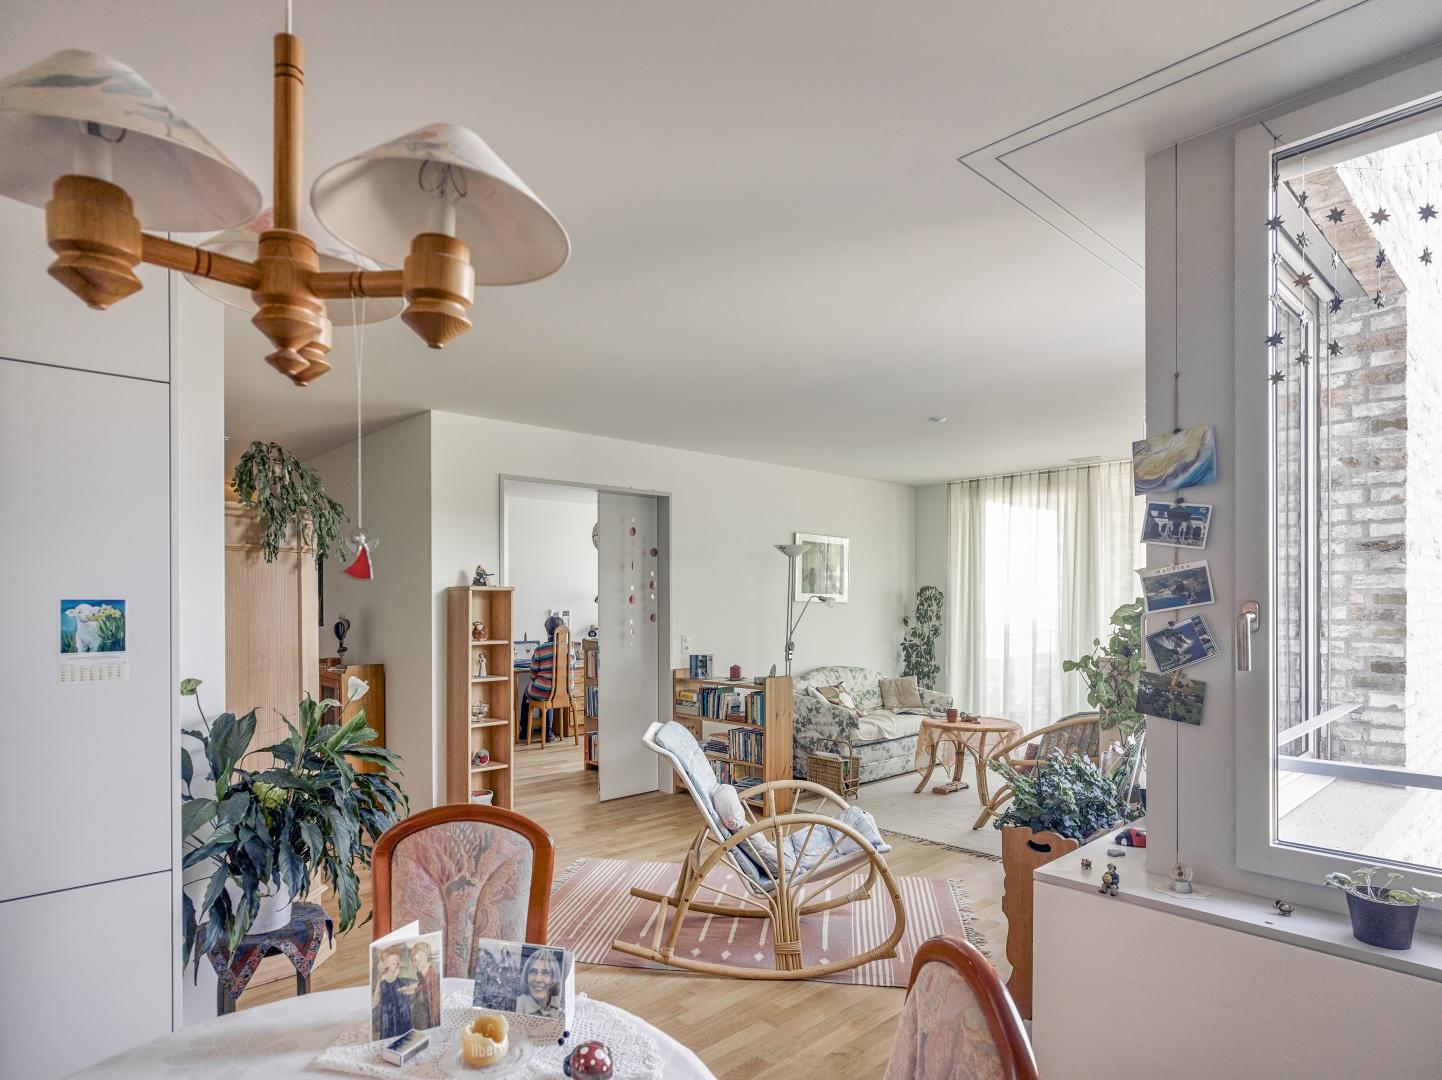 Wohnung Haus A möbliert © Johannes Marburg